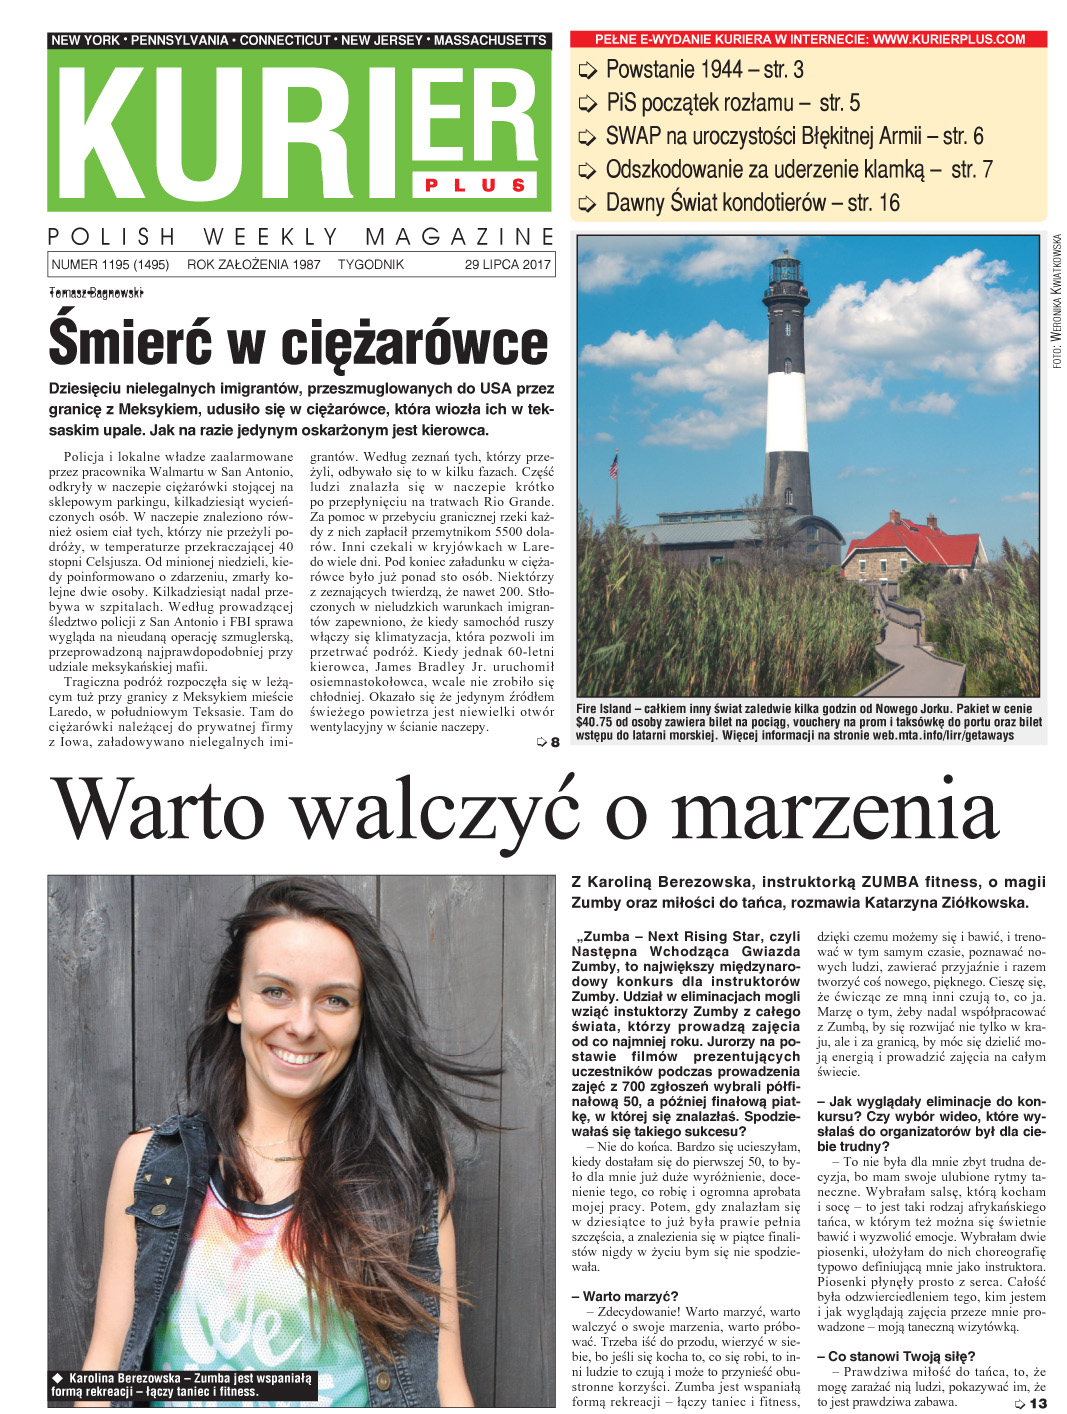 Kurier Plus- e-wydanie 29 lipca 2017